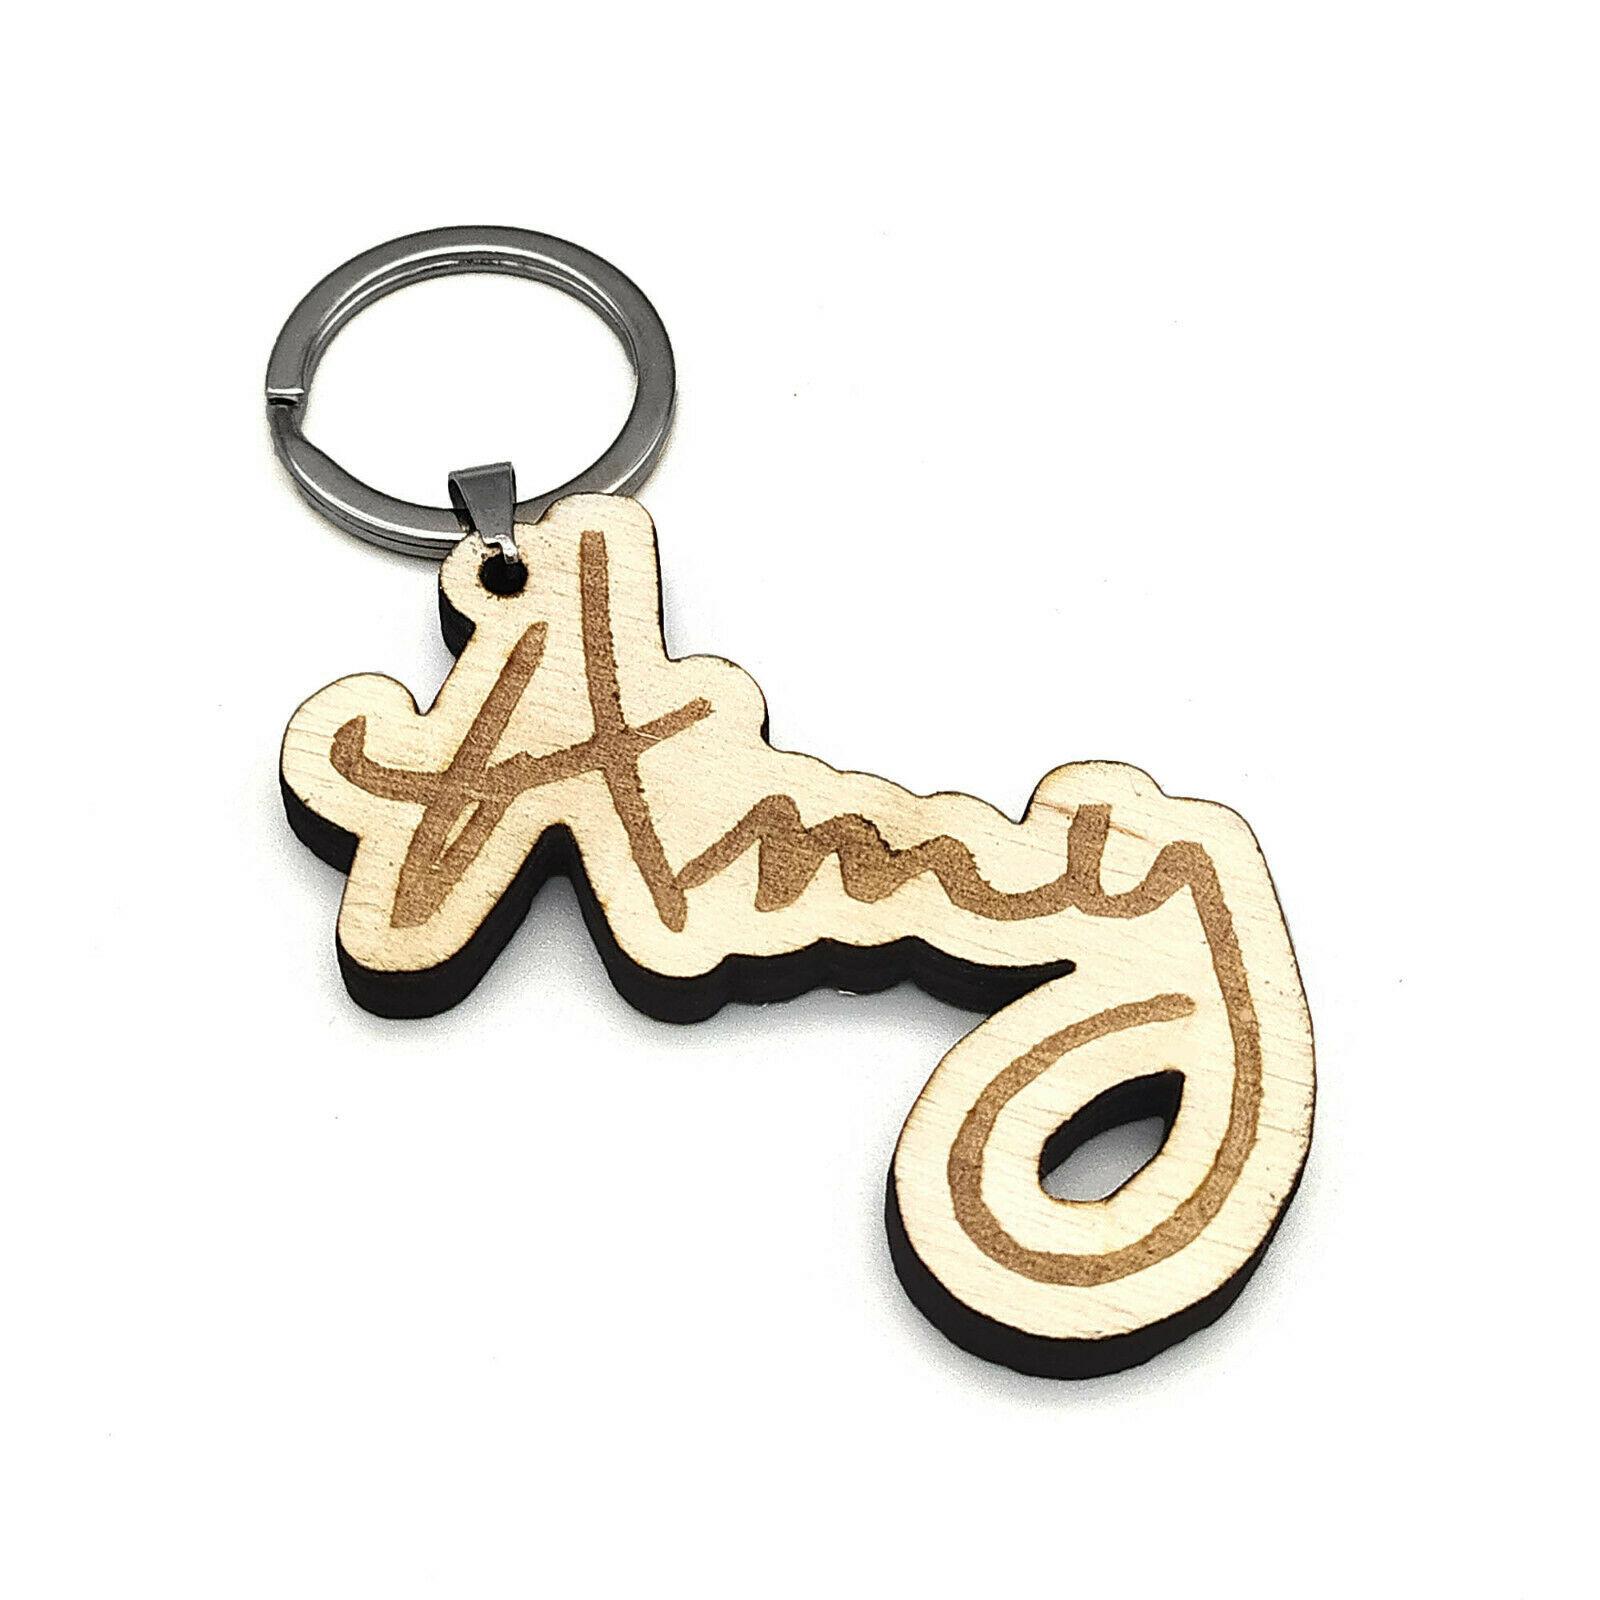 Namensanhänger aus Holz - personalisierter Schlüsselanhänger mit Gravur